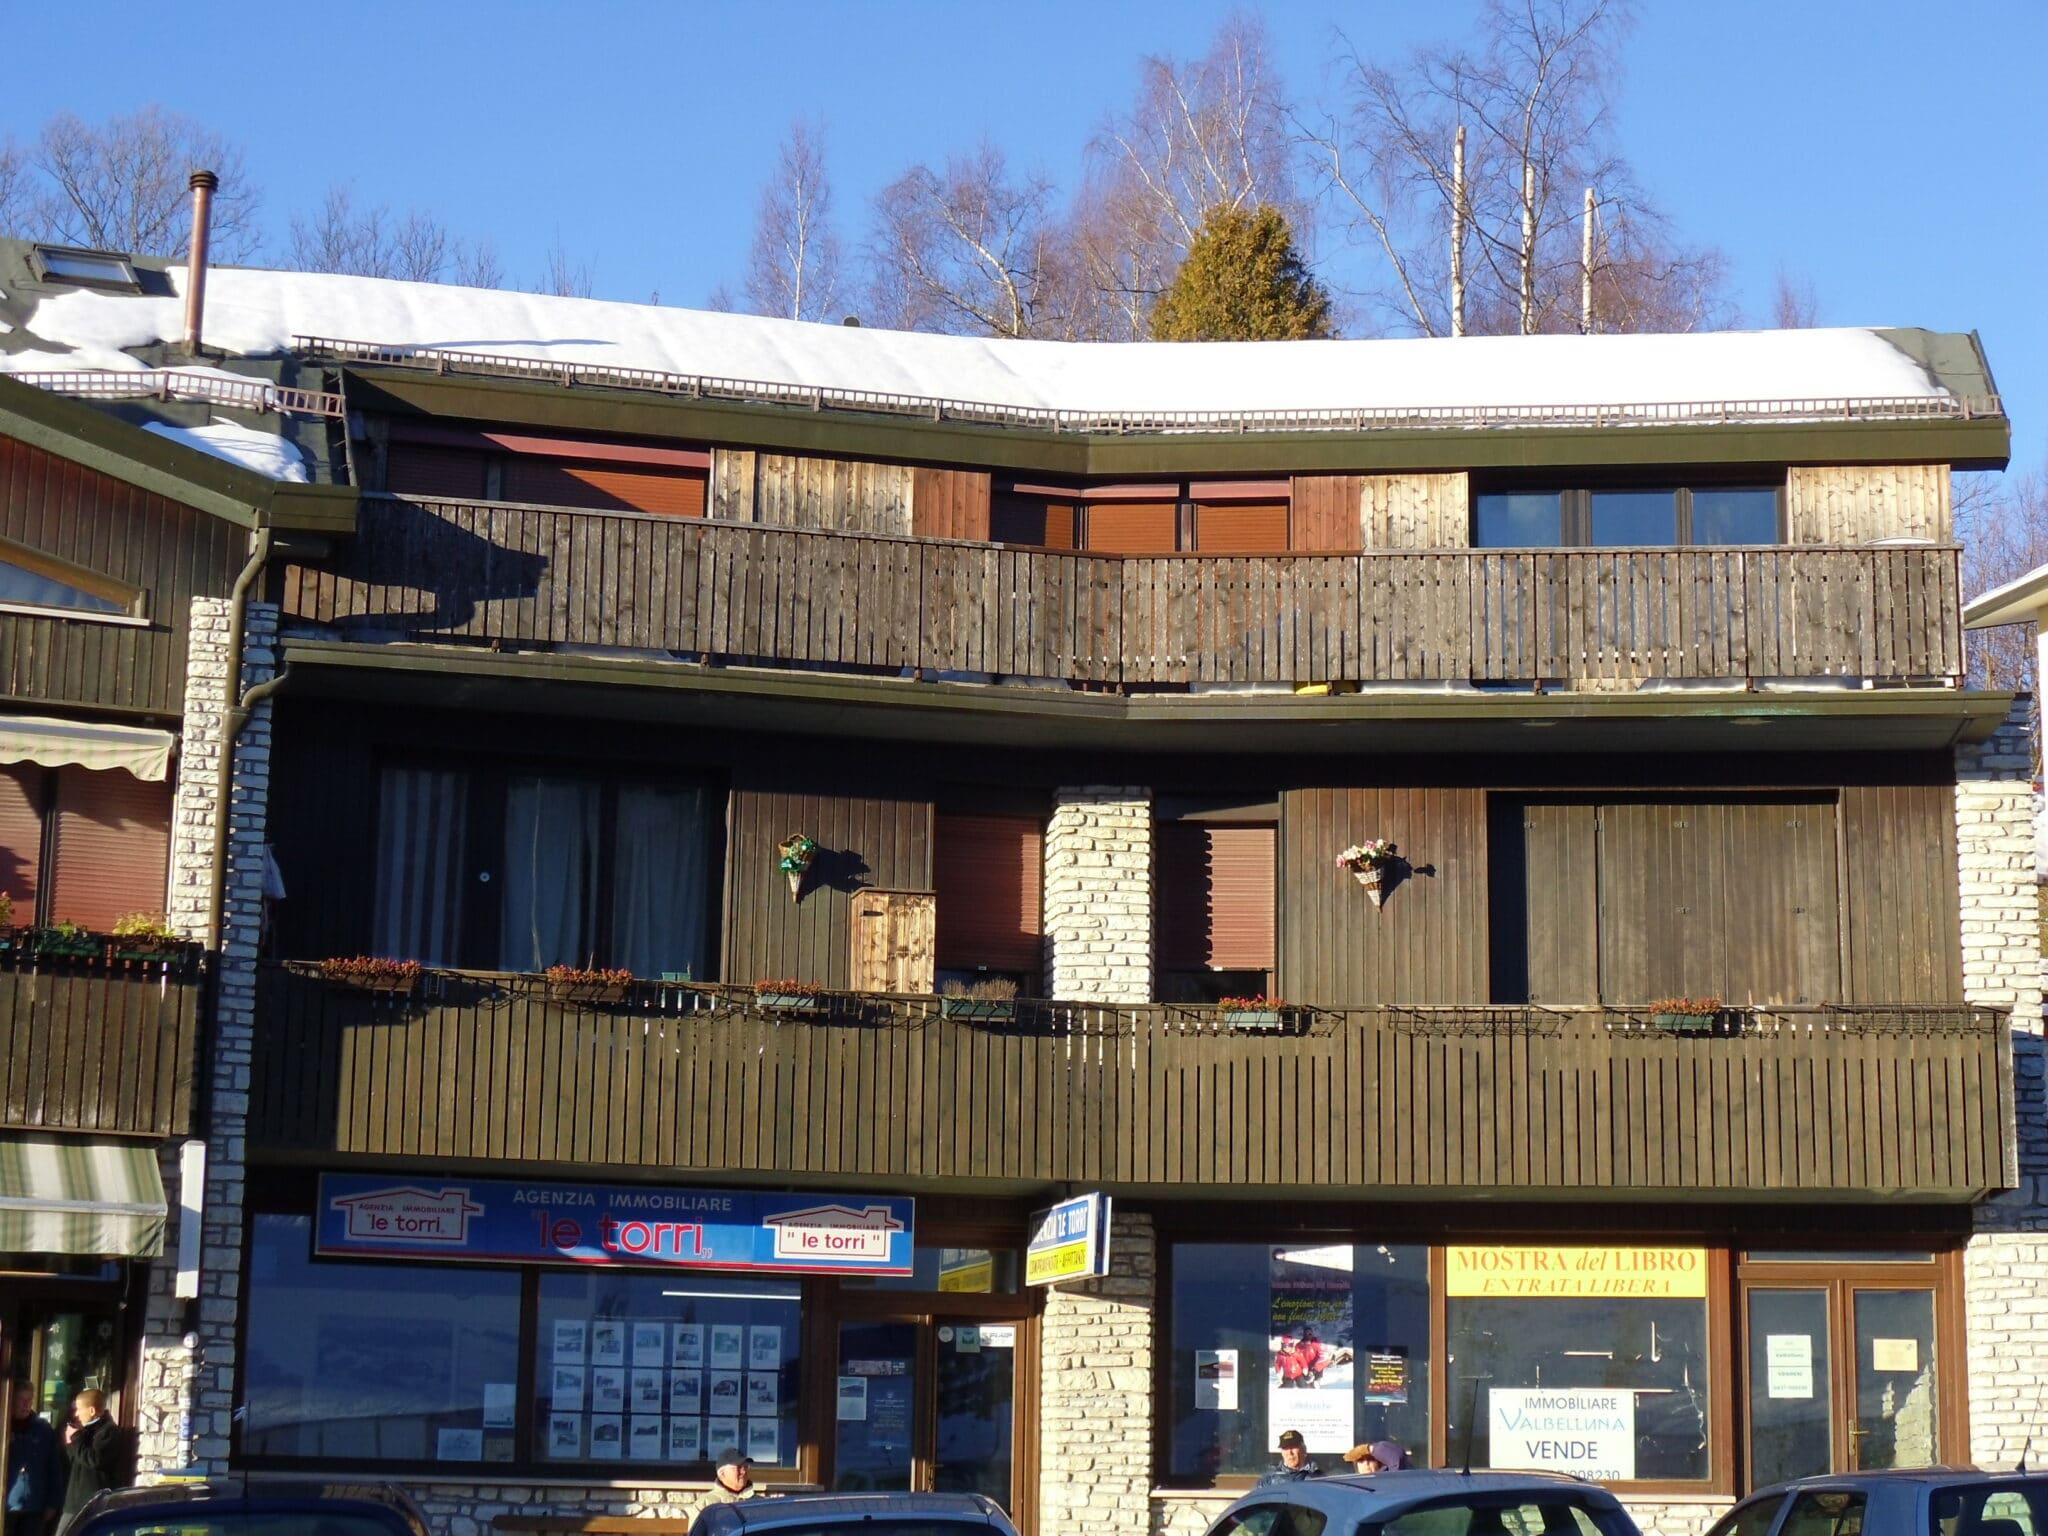 Monolocale in condominio fronte piste da sci